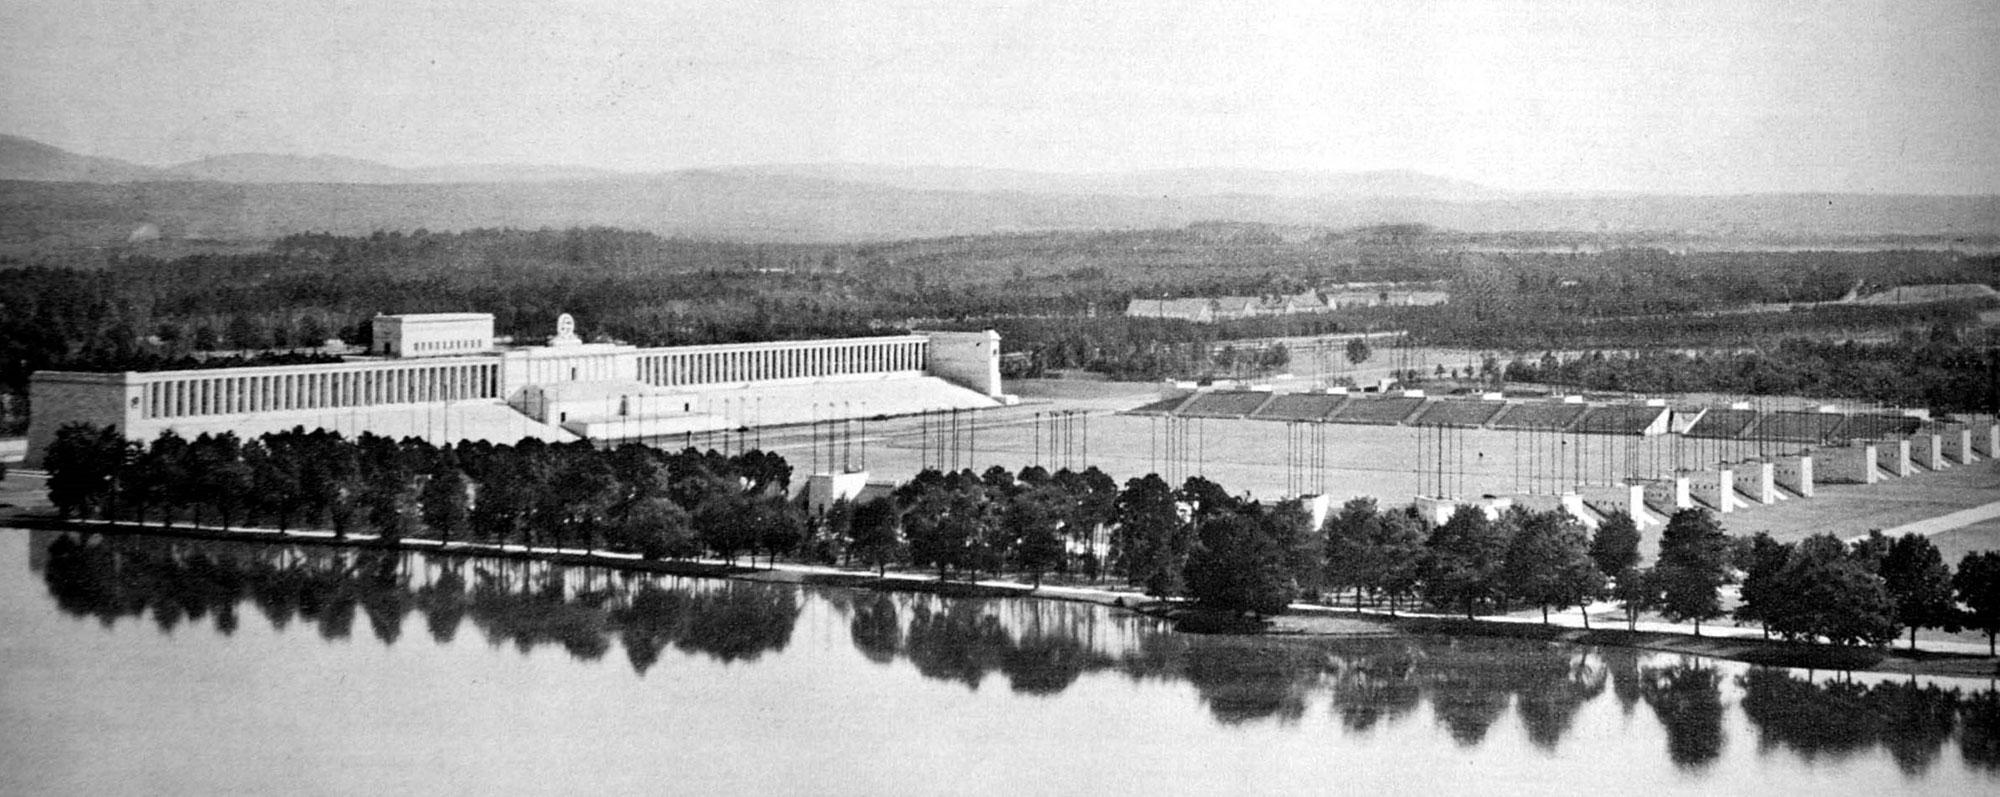 Εγκώμιο θανάτου: Η αρχιτεκτονική του ναζισμού